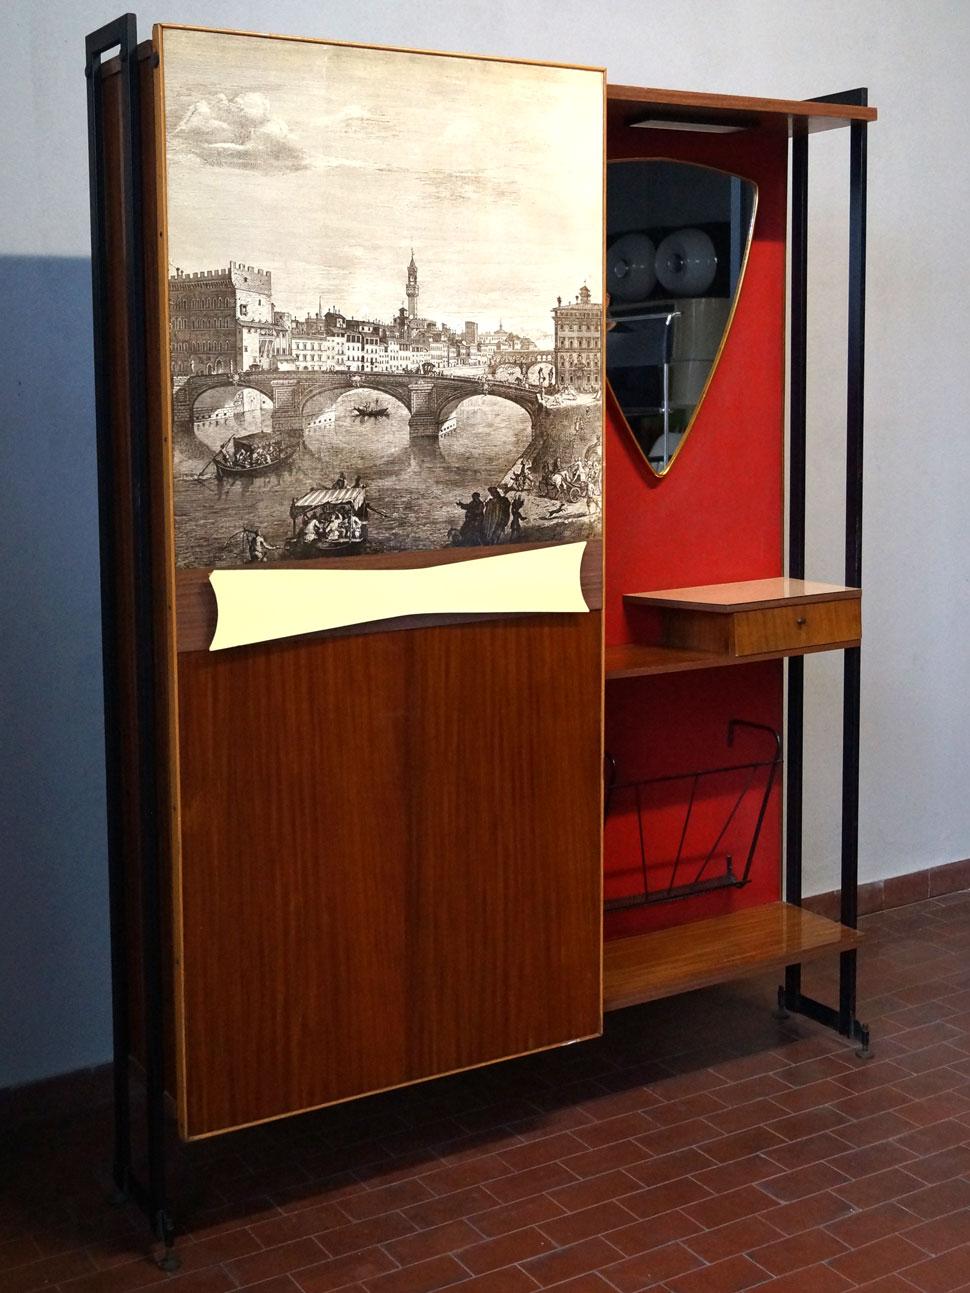 Mobile appendiabiti da ingresso con stampa | 20th century design